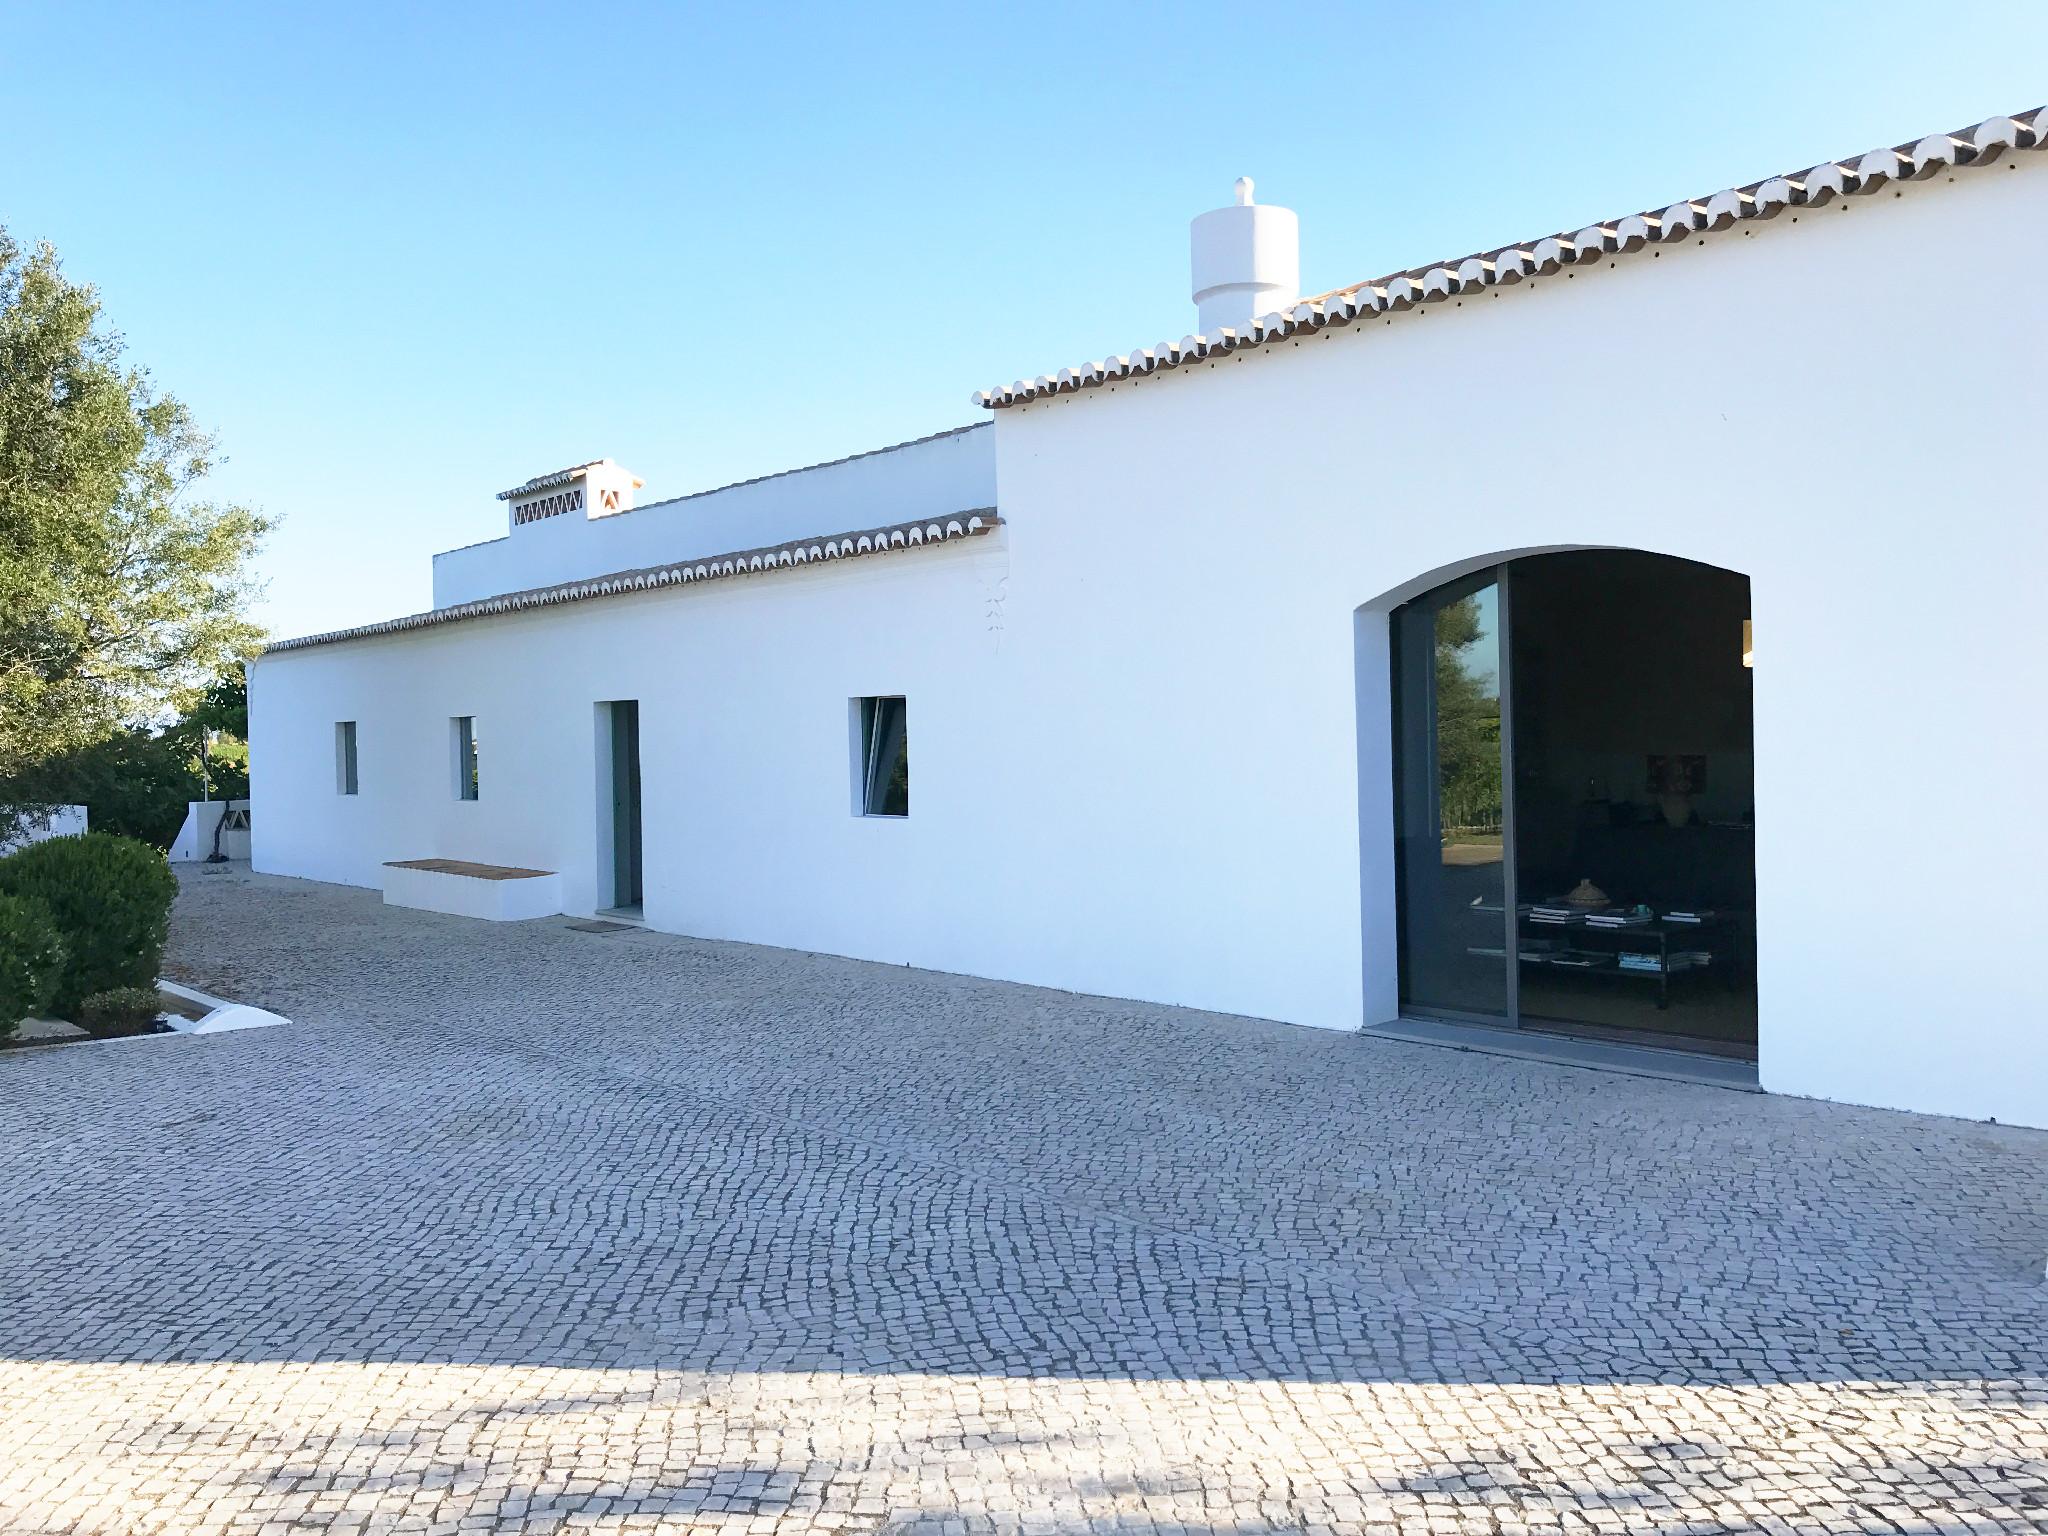 Casa do Eirado - der typische Kalkstein steht dem alten Haus gut!